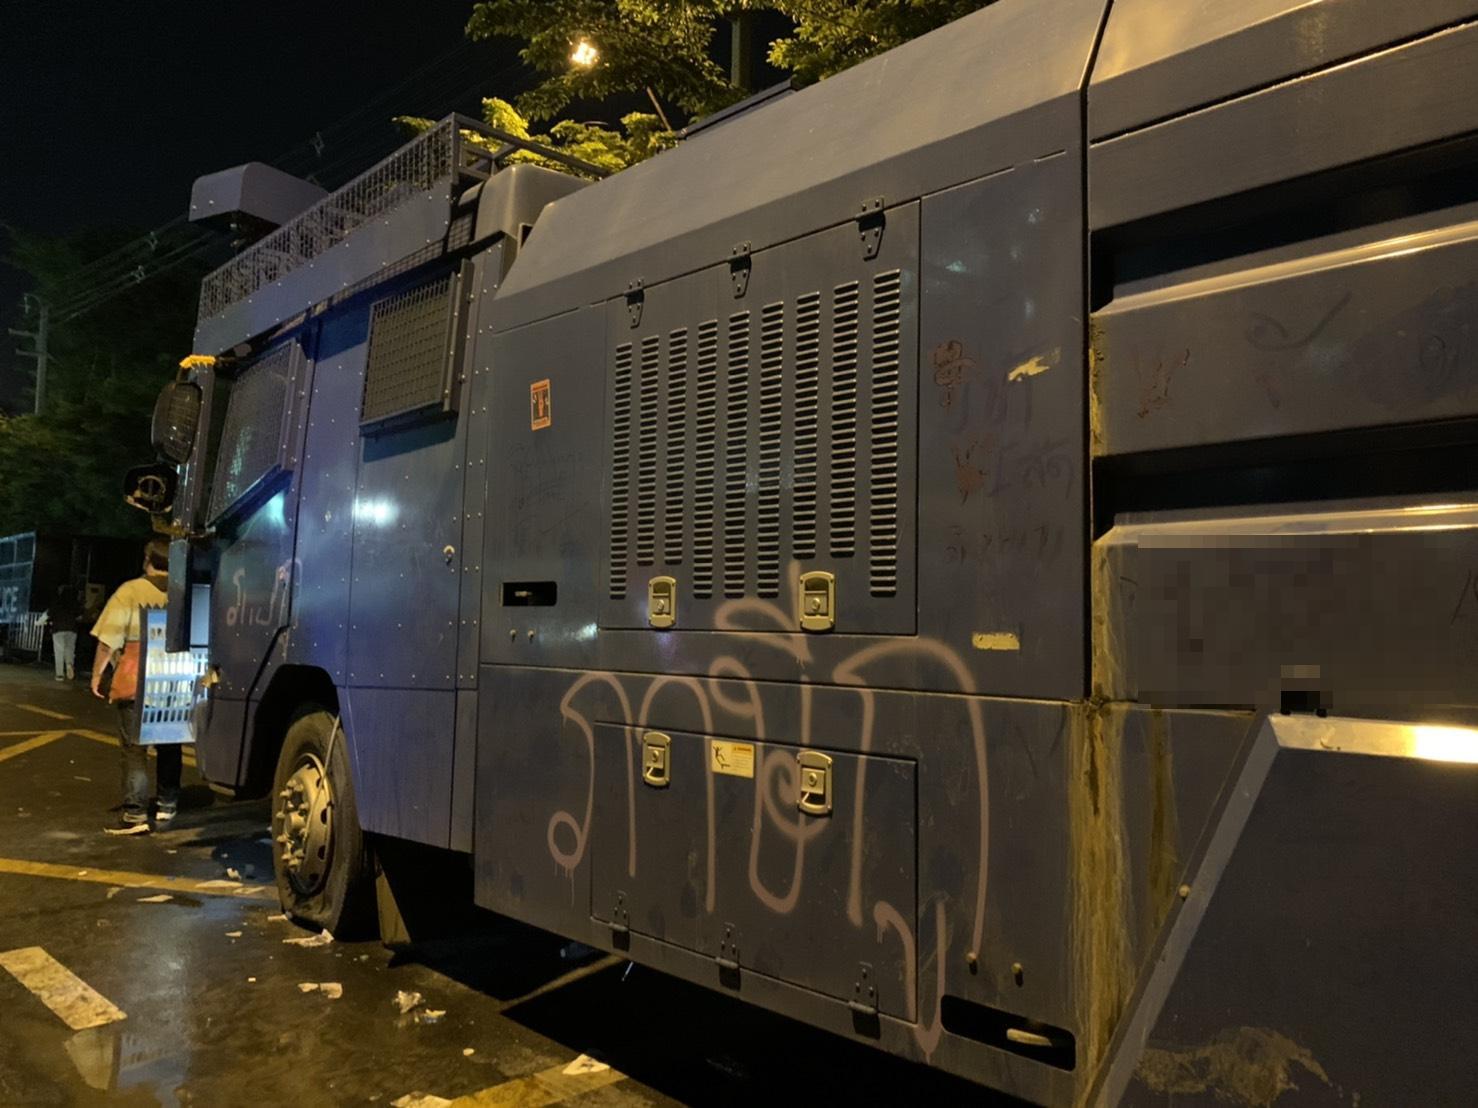 """""""ส.ส.รังสิมันต์"""" โพสต์ เจอไอซ์ อุปกรณ์เสพ ในรถตำรวจ หลังปะทะผู้ชุมนุม ด้านตร.แชร์ว่อนรถราชการยับเยิน"""